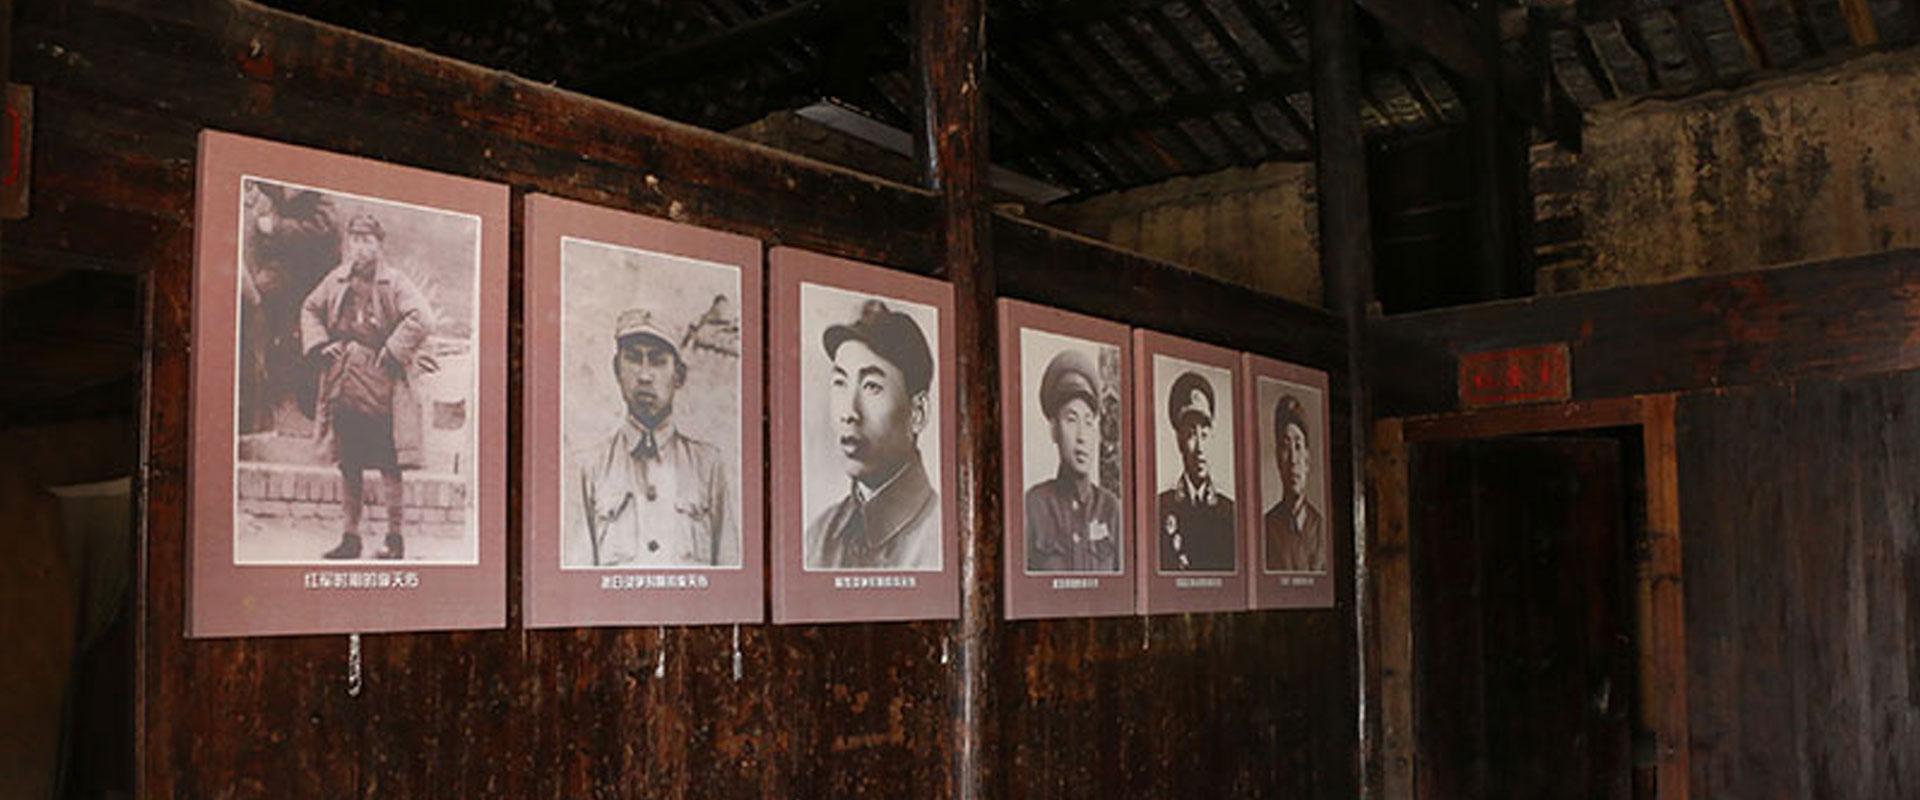 红五师师长李天佑各时期的照片